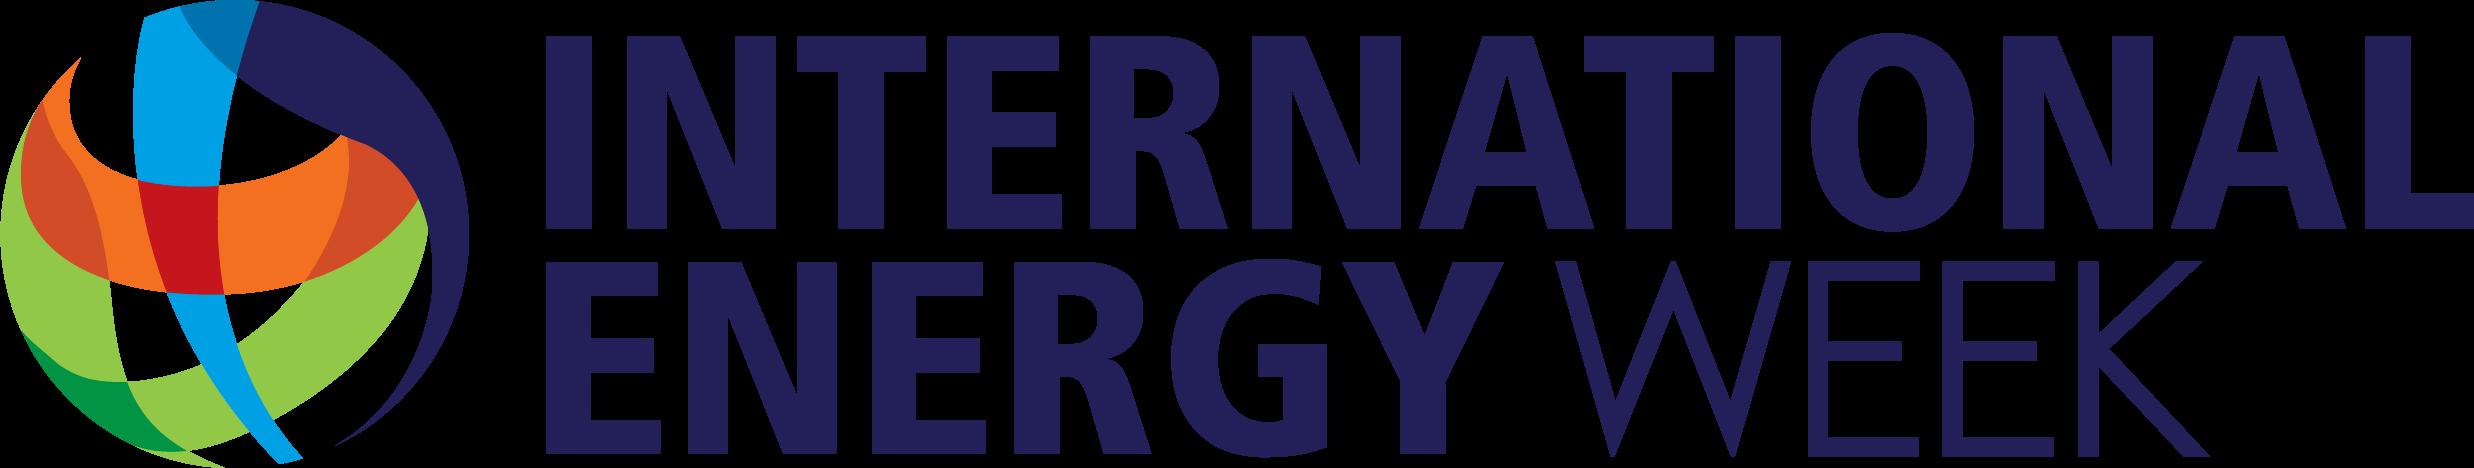 IE Week Logo